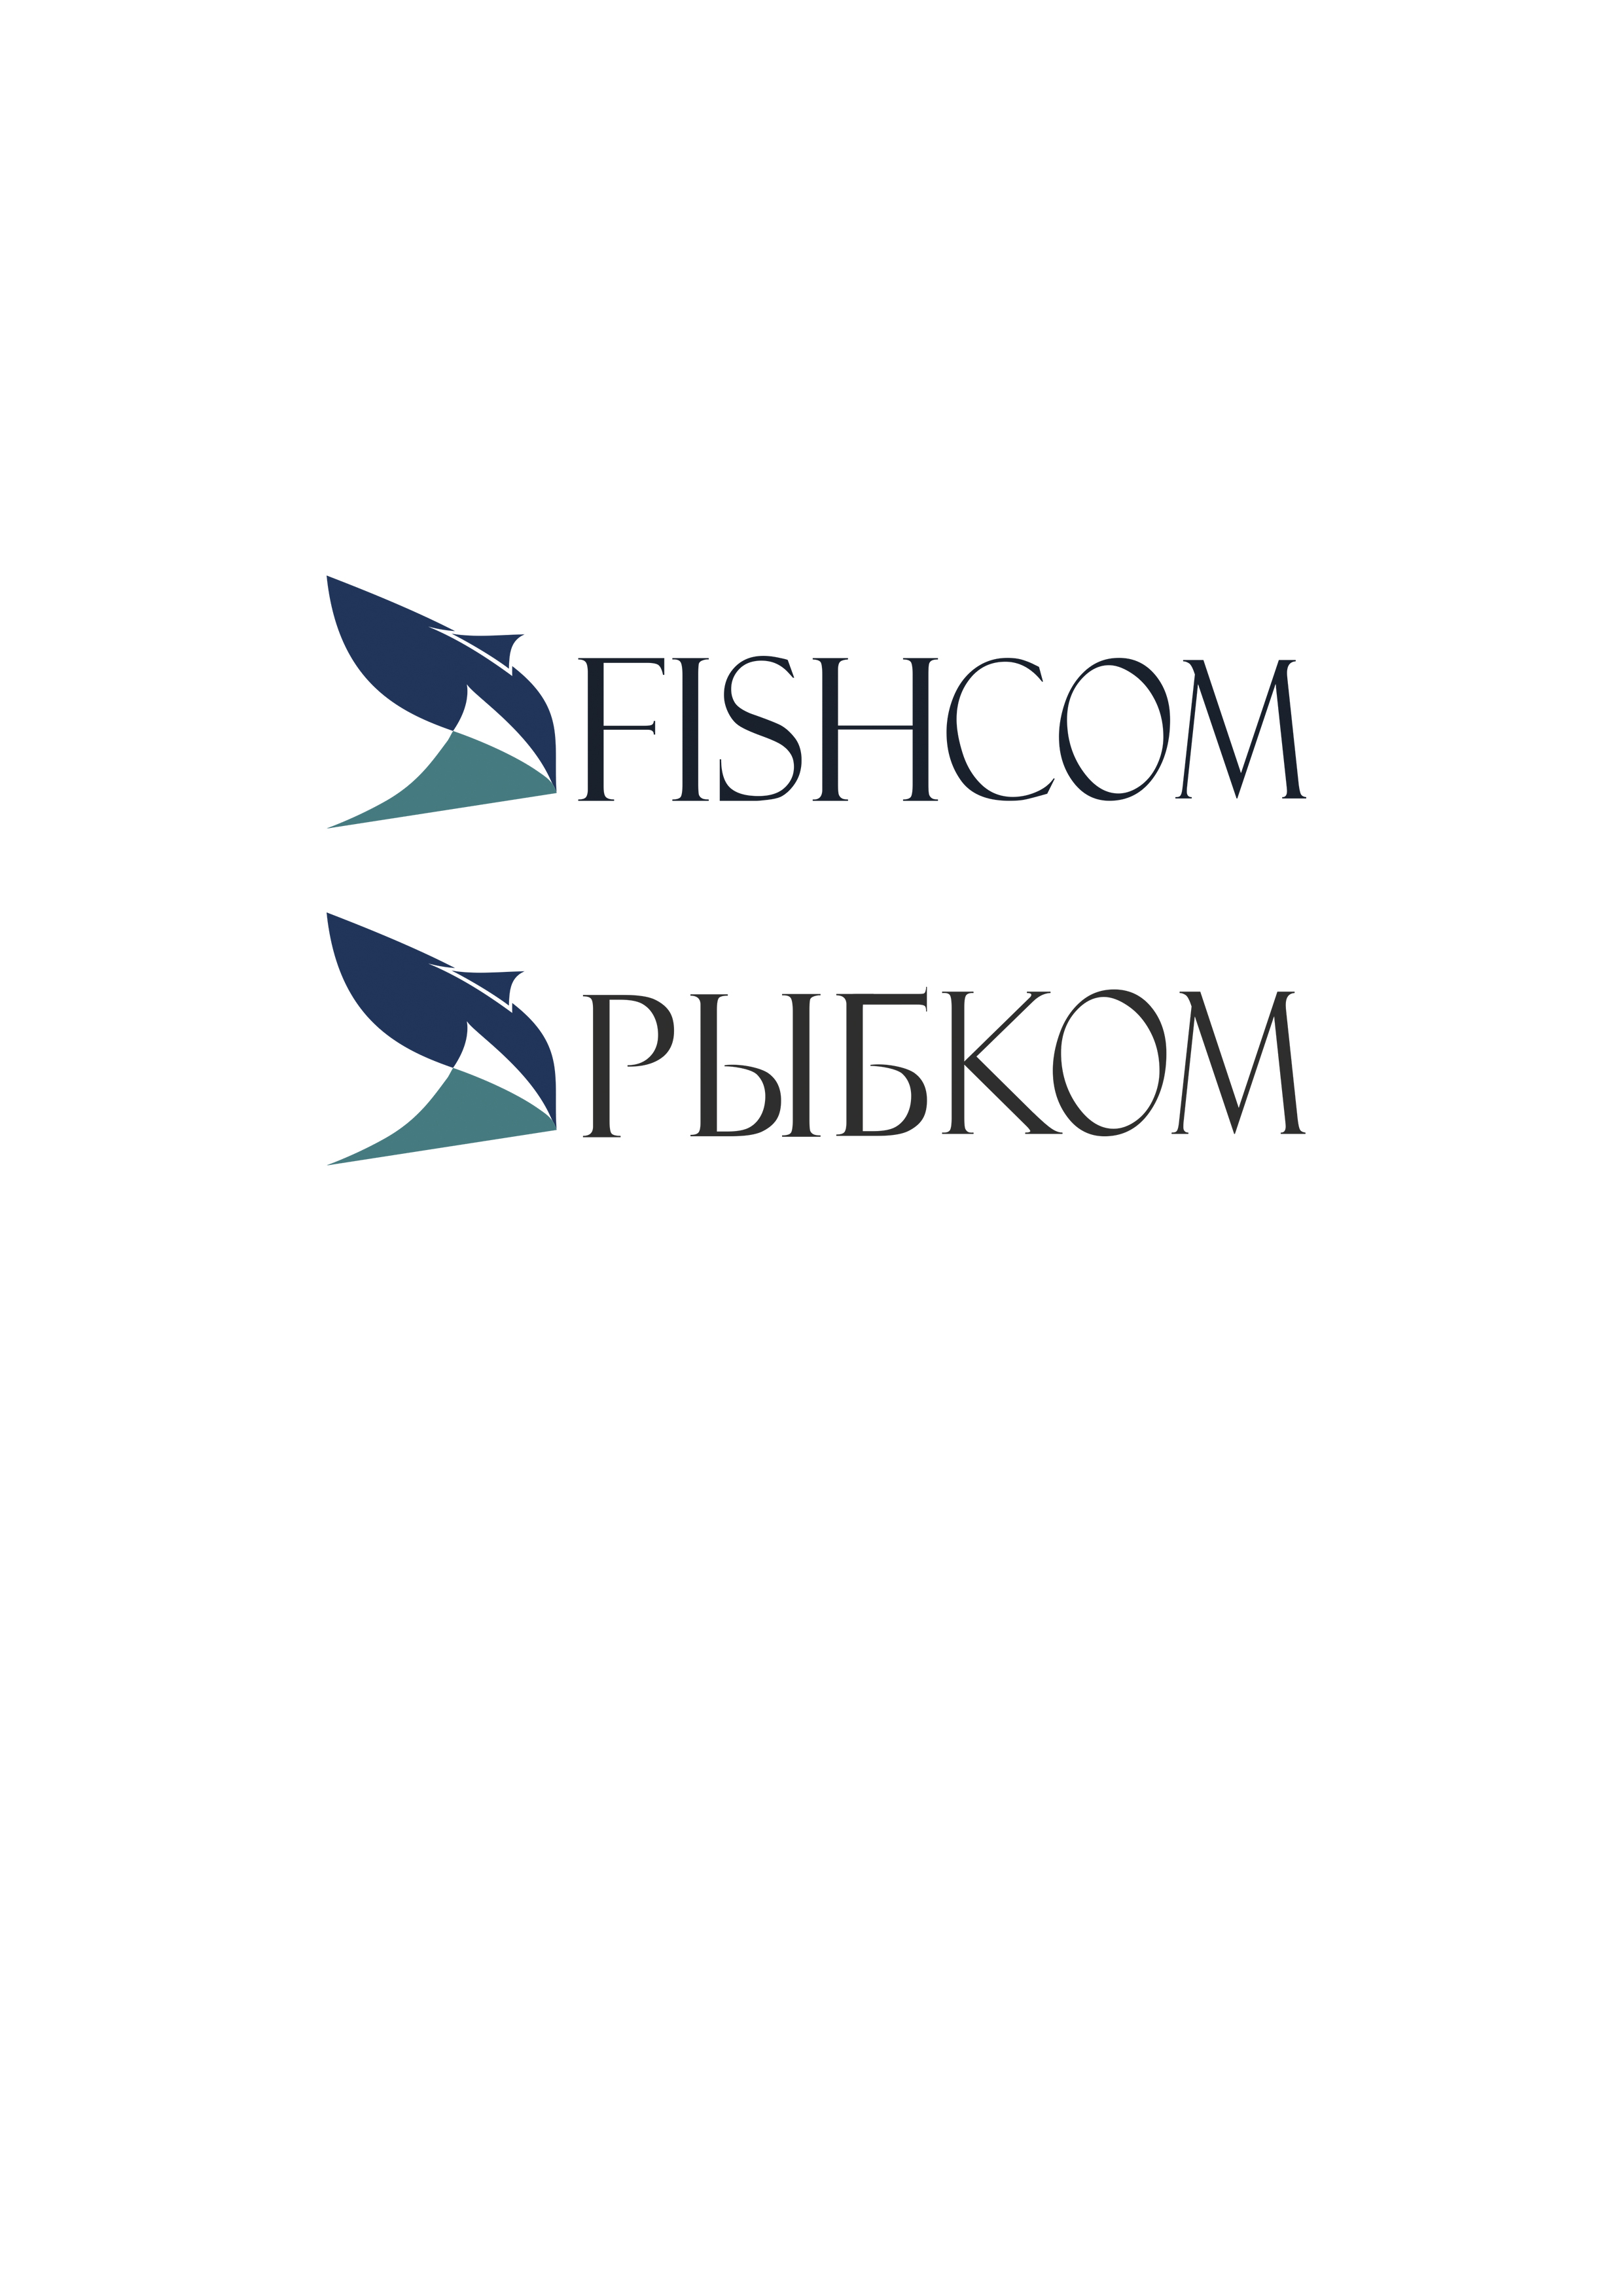 Создание логотипа и брэндбука для компании РЫБКОМ фото f_8785c0b074646faf.jpg